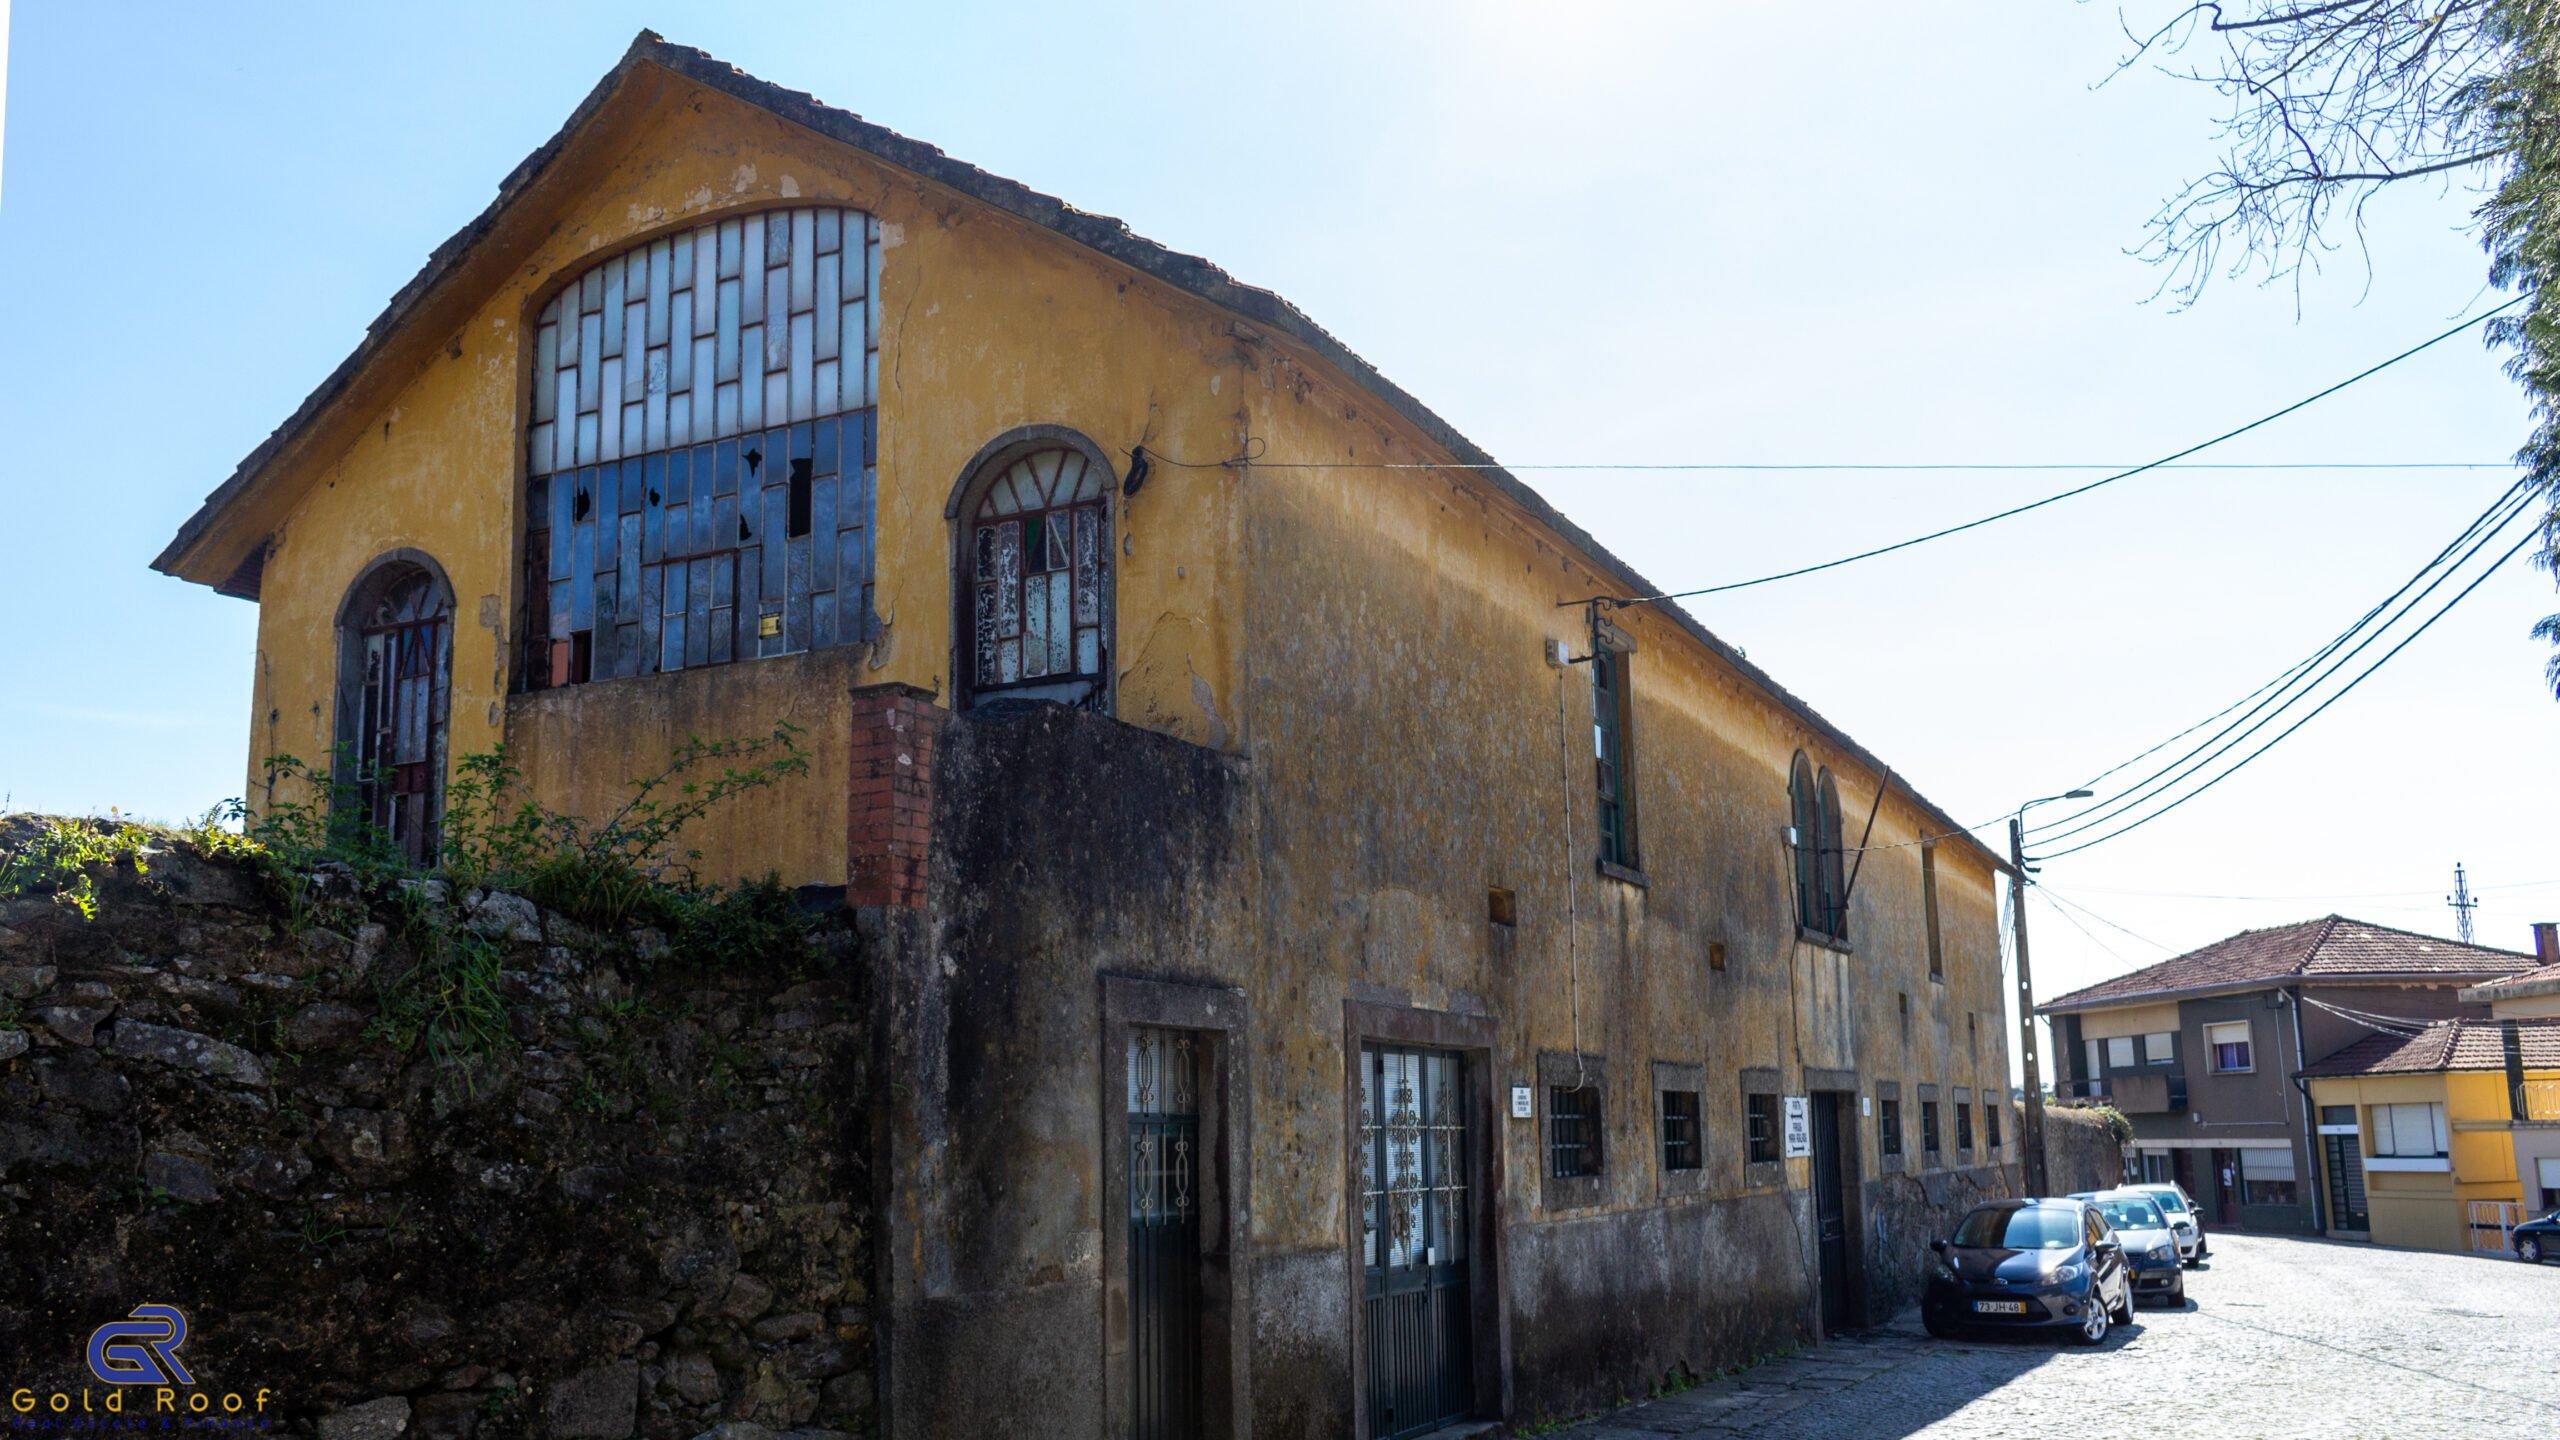 Terrain pour construction avec 88000 m2 pour bâtiments, Arcozelo, Vila Nova de Gaia